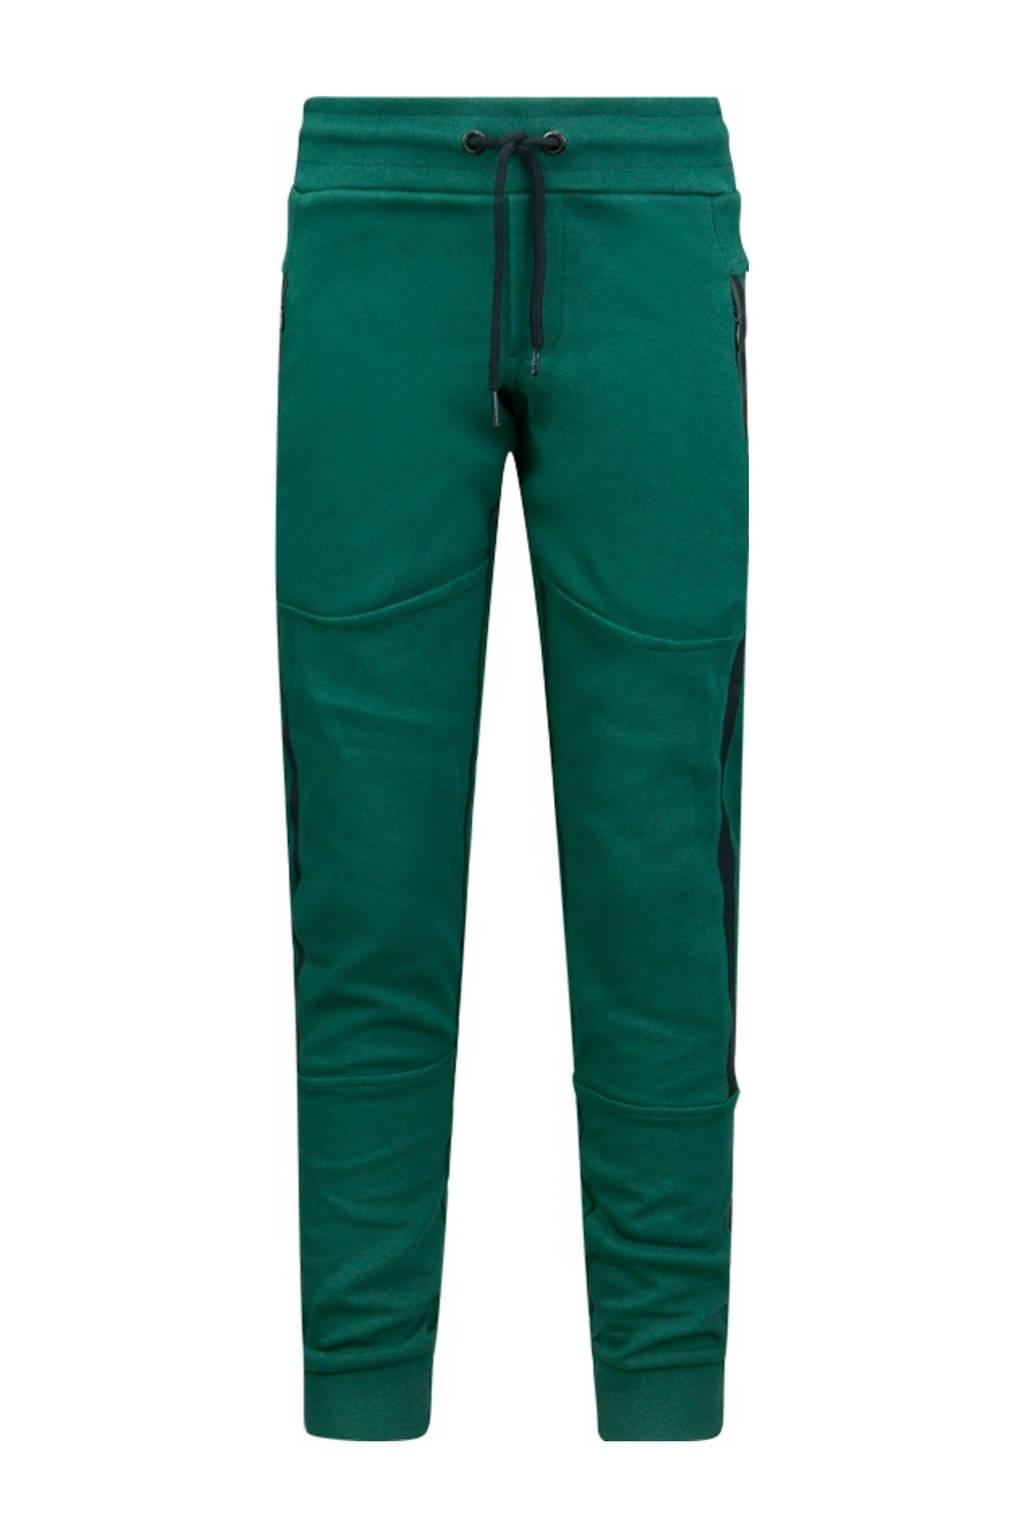 Retour Denim slim fit joggingbroek Valentijn met zijstreep groen, Groen